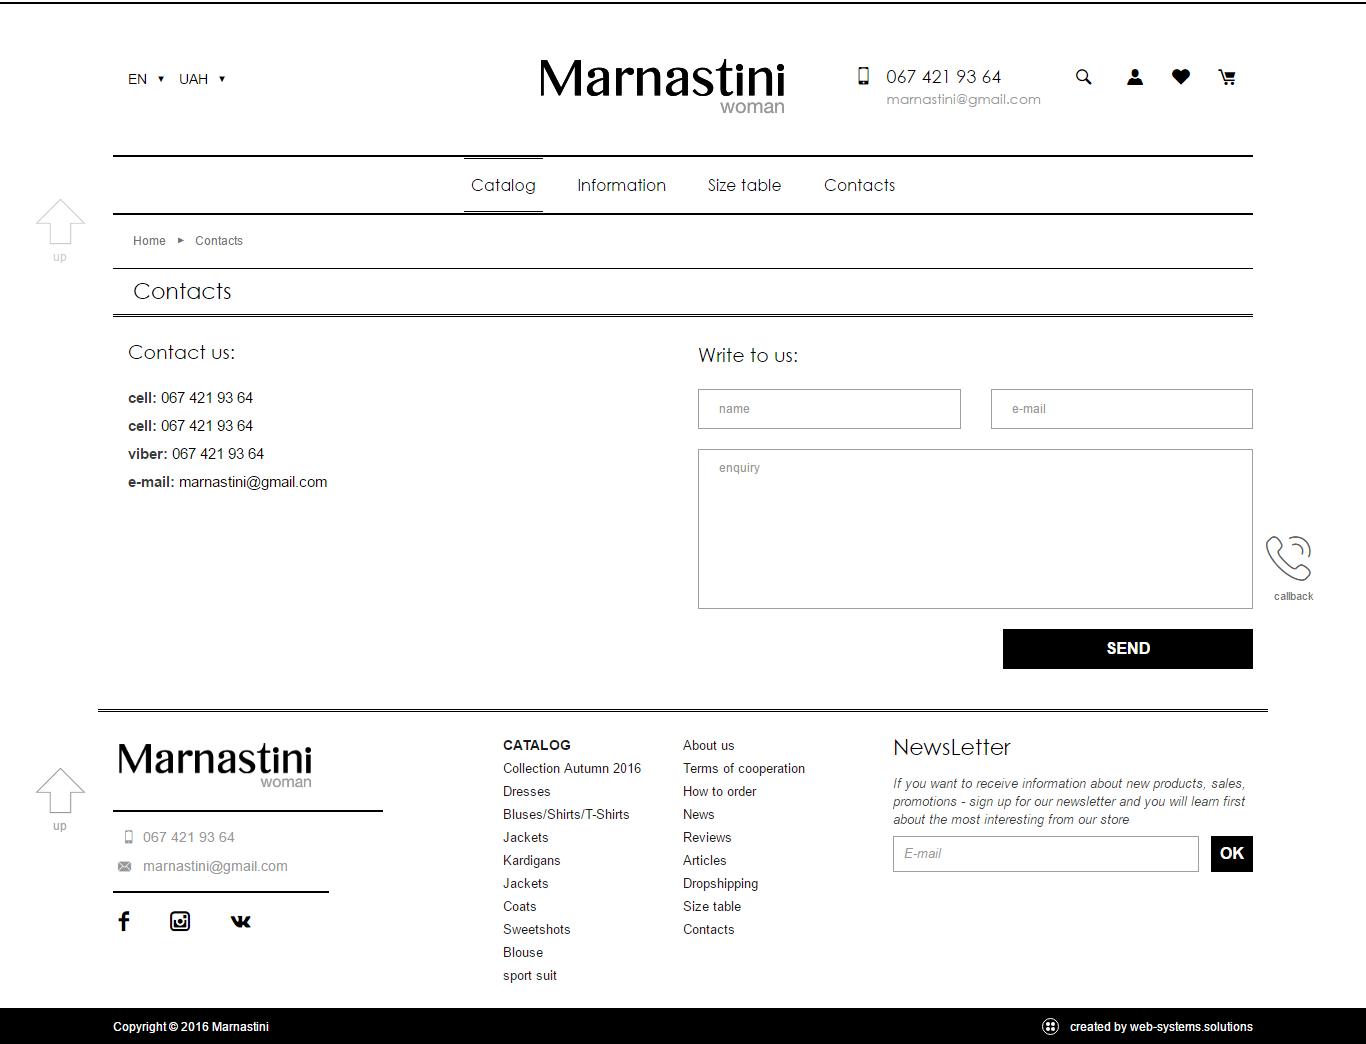 Marnastini